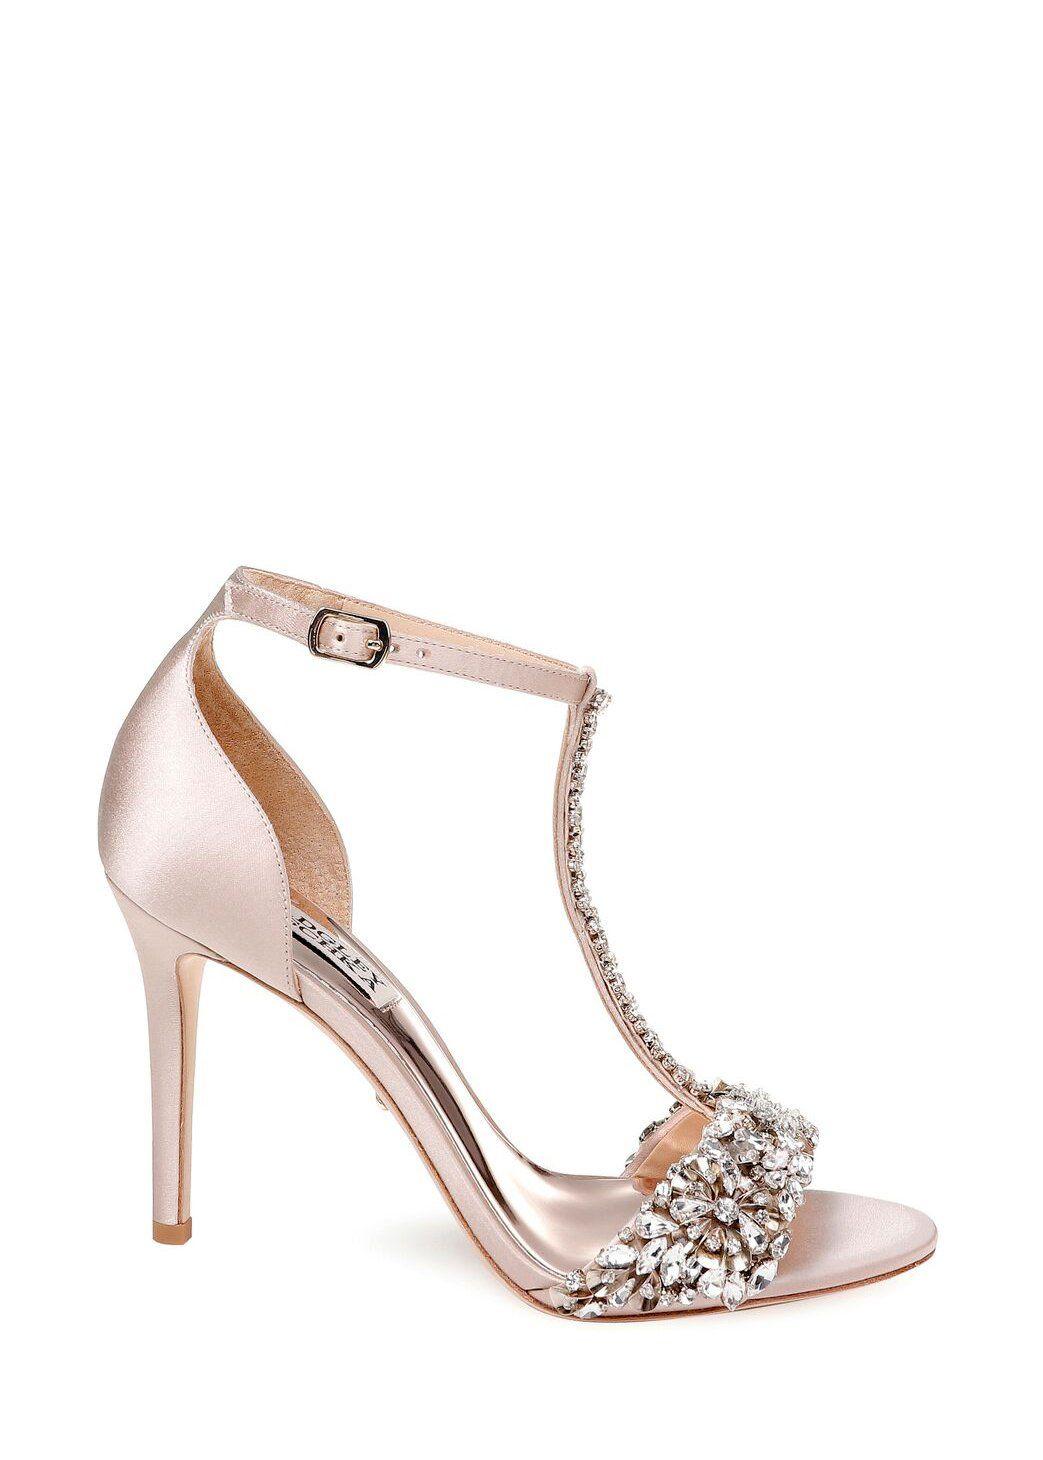 Veil Shoes Badgley Mischka Eternal Bridal Badgley Mischka